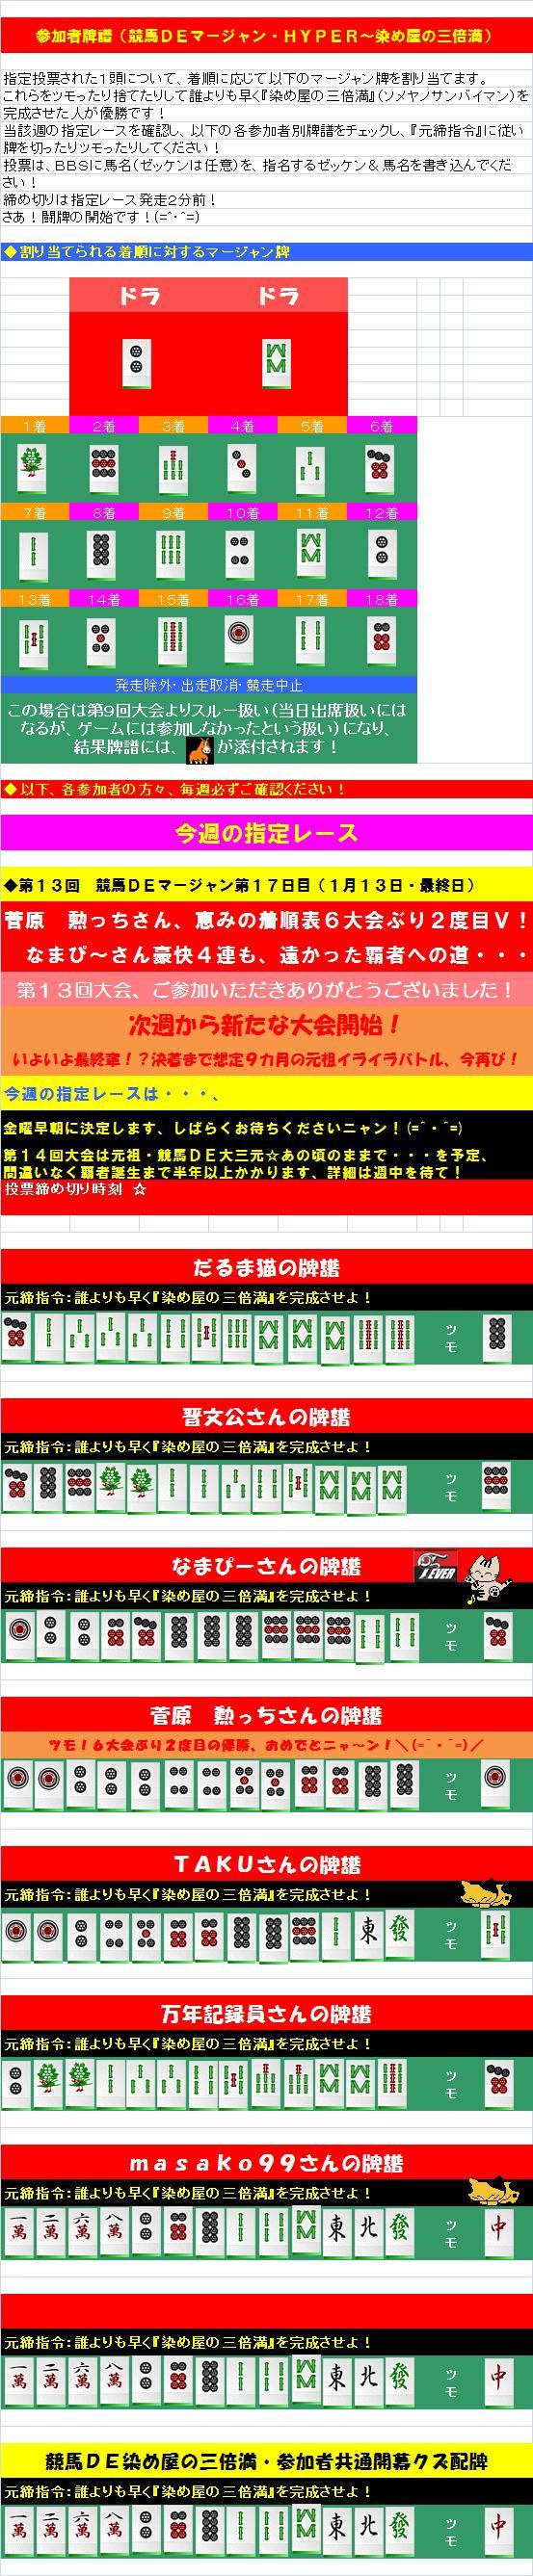 20130113・参加者牌譜.jpg